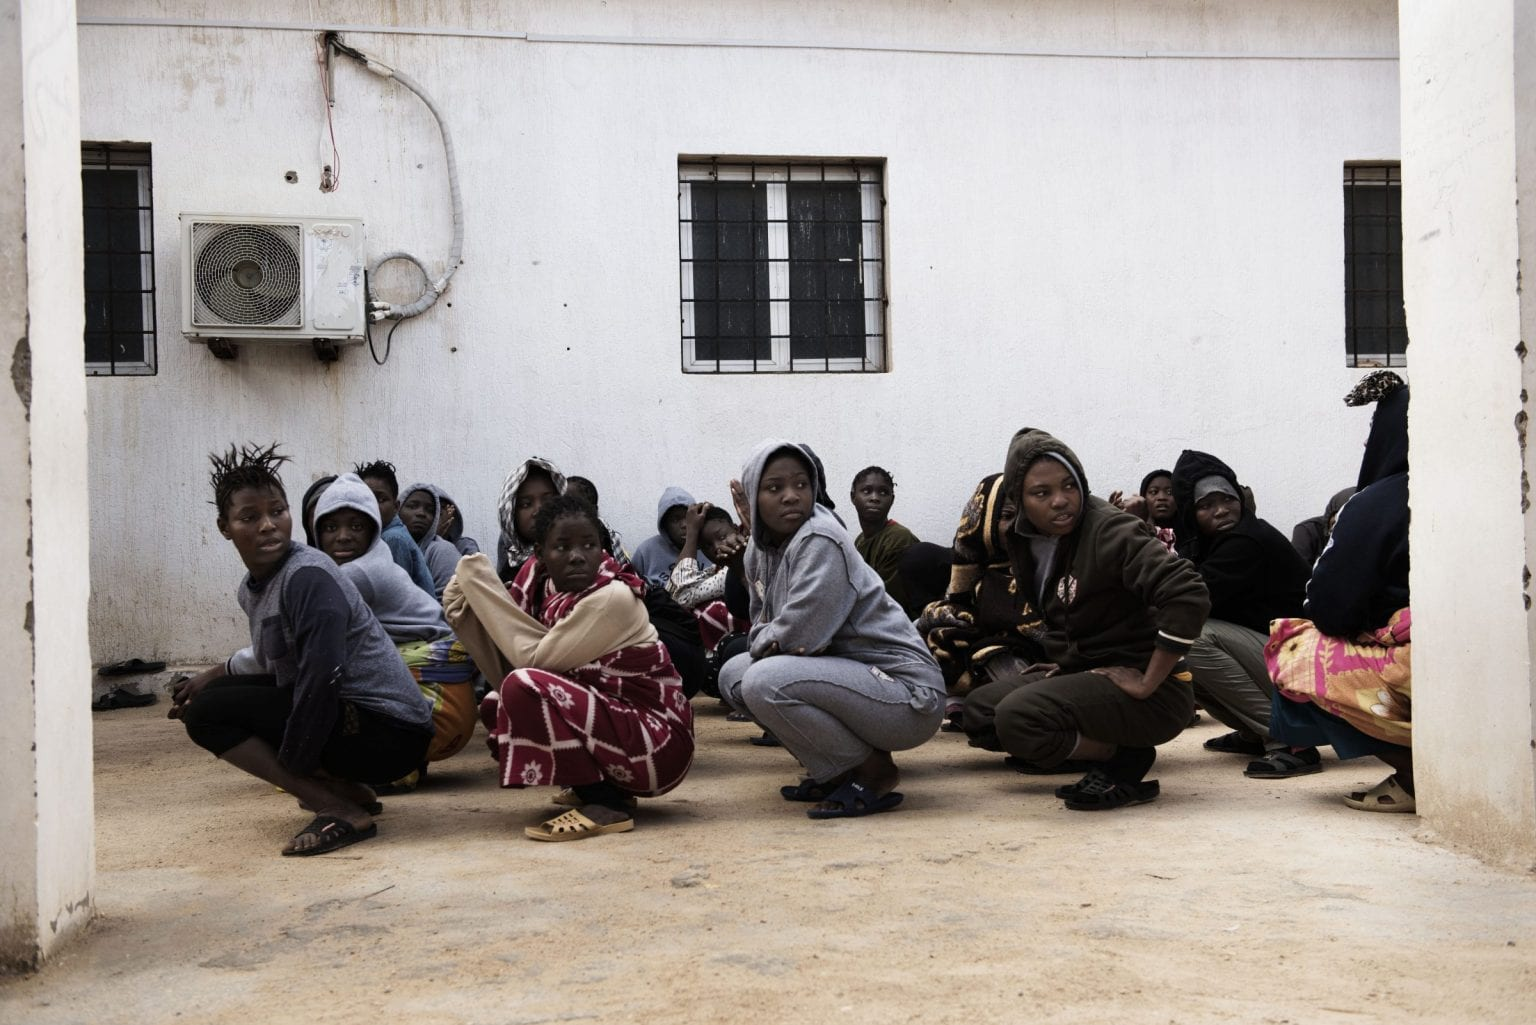 Ifølge det libyske Indenrigsministerium er omkring 6.000 migranter p.t fængslet, fordi de har forsøgt at krydse Middelhavet til Europa. Halvdelen af migranterne sidder i den libyske regerings egne fængsler, mens resten  sidder fanget hos private krigsherrer og militsledere. Foto: UNICEF